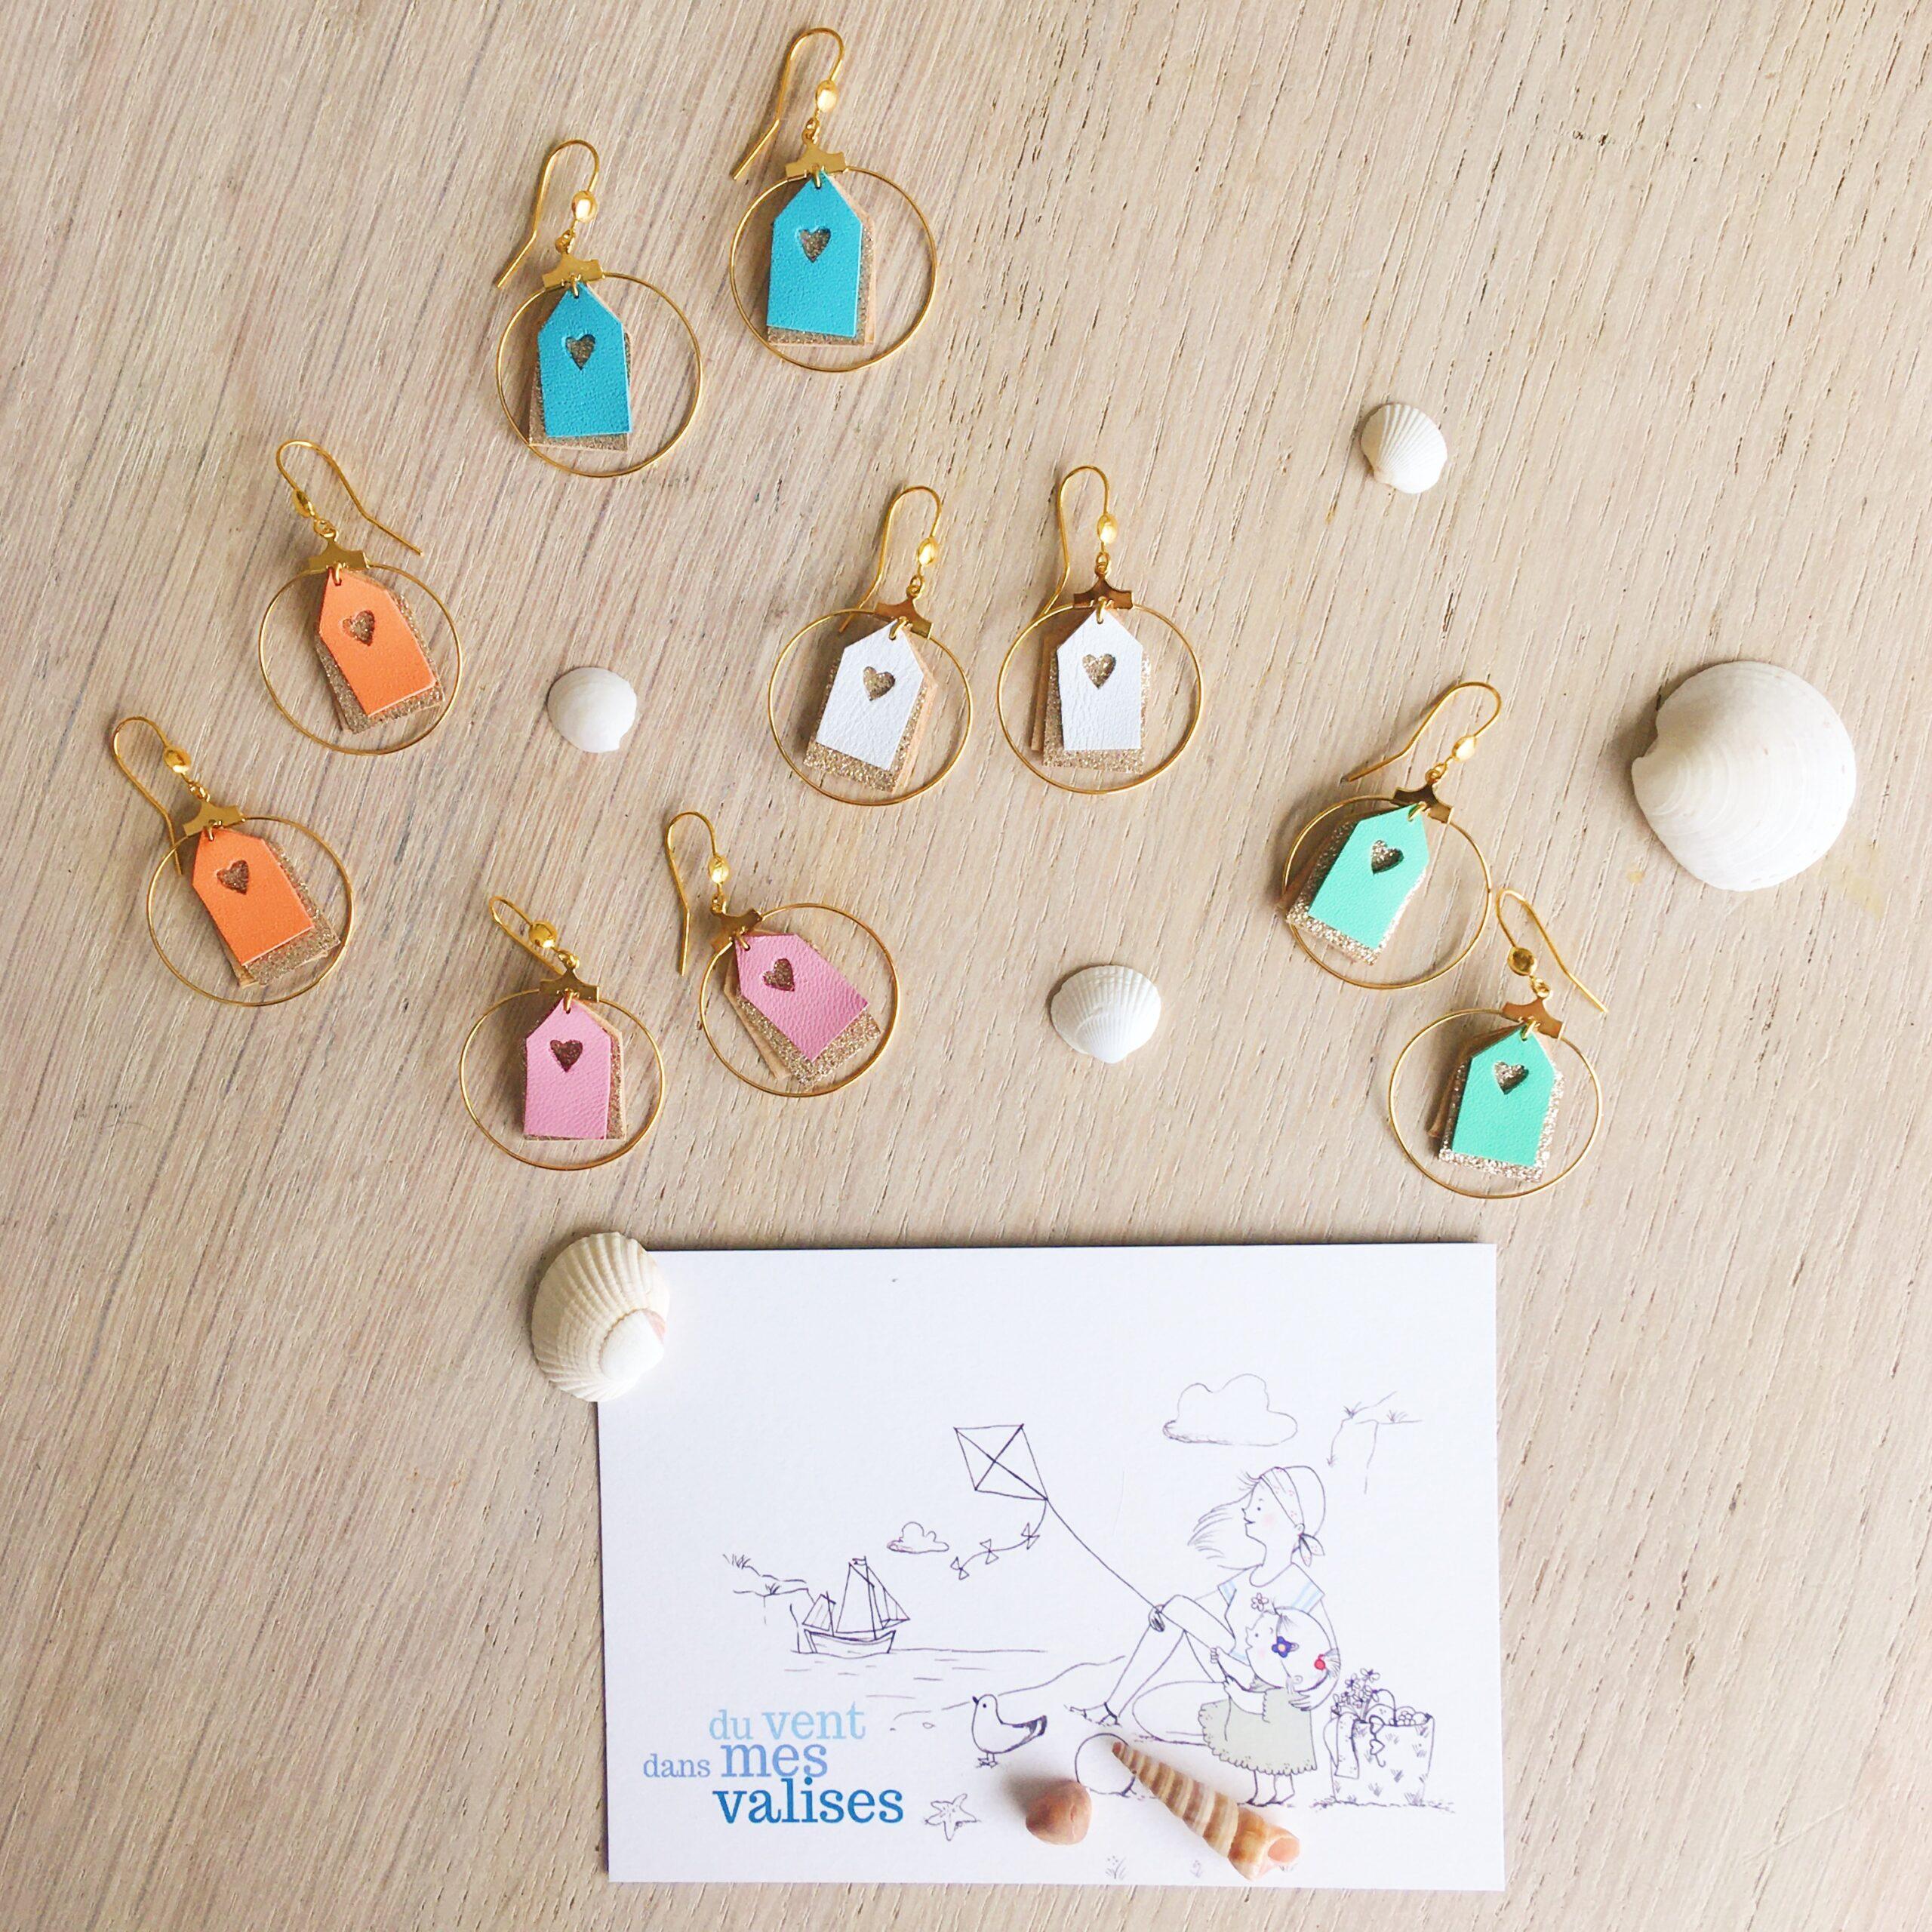 Boucles d'oreilles créoles les petites cabines de plage aux parfums d'été fabrication artisanale française - du vent dans mes valises